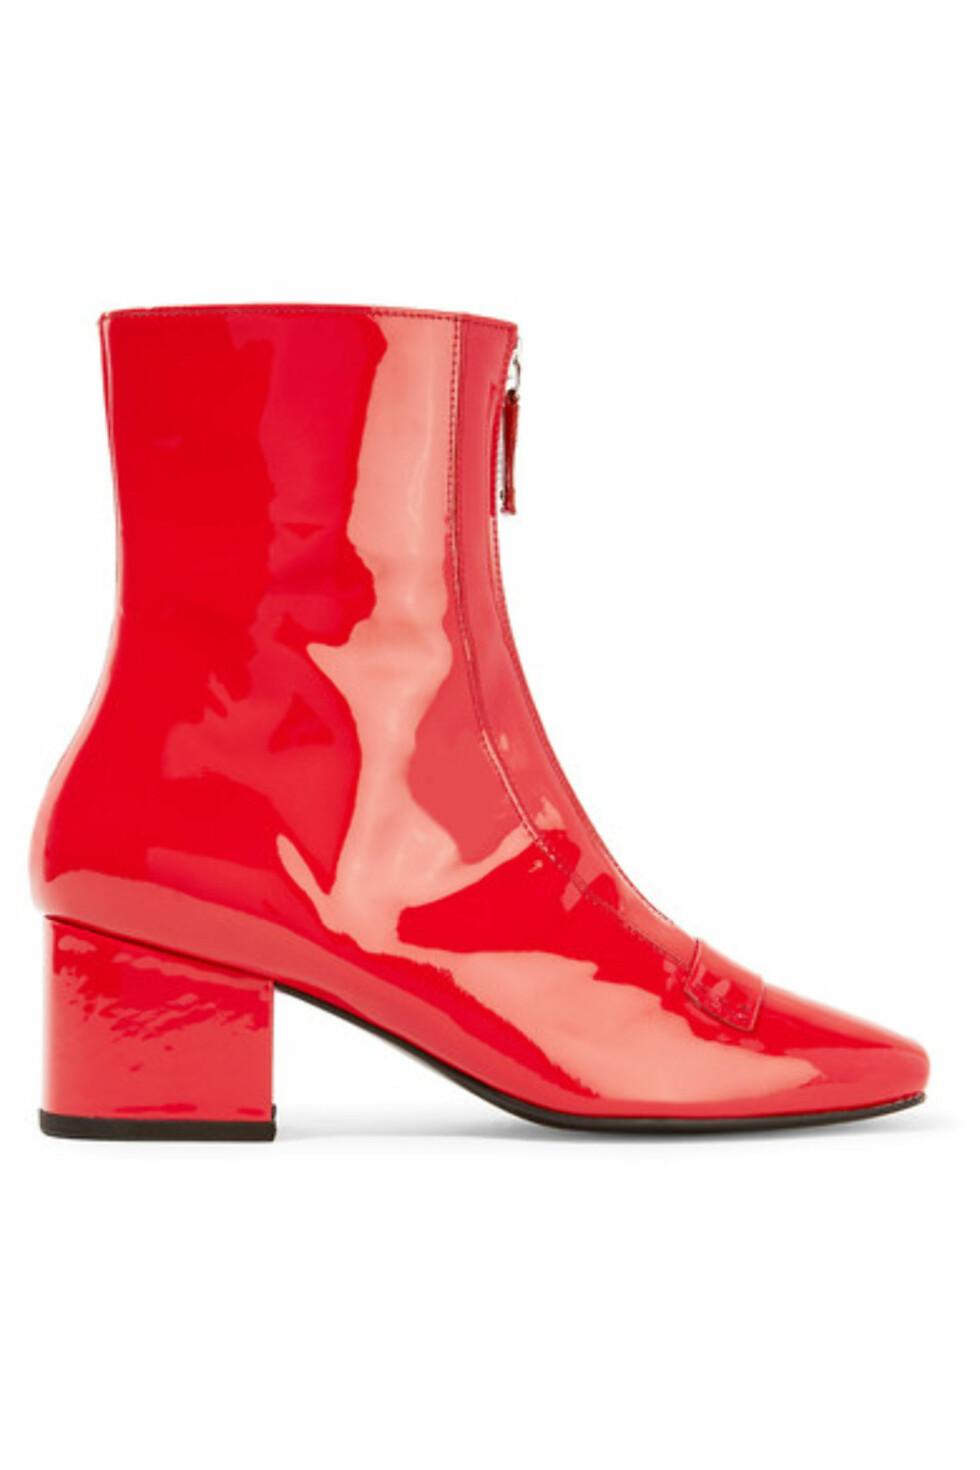 Ankelboots fra Dorateymur via Net-a-porter.com | kr 3579 | https://www.net-a-porter.com/no/en/product/751634/DORATEYMUR/double-delta-patent-leather-ankle-boots